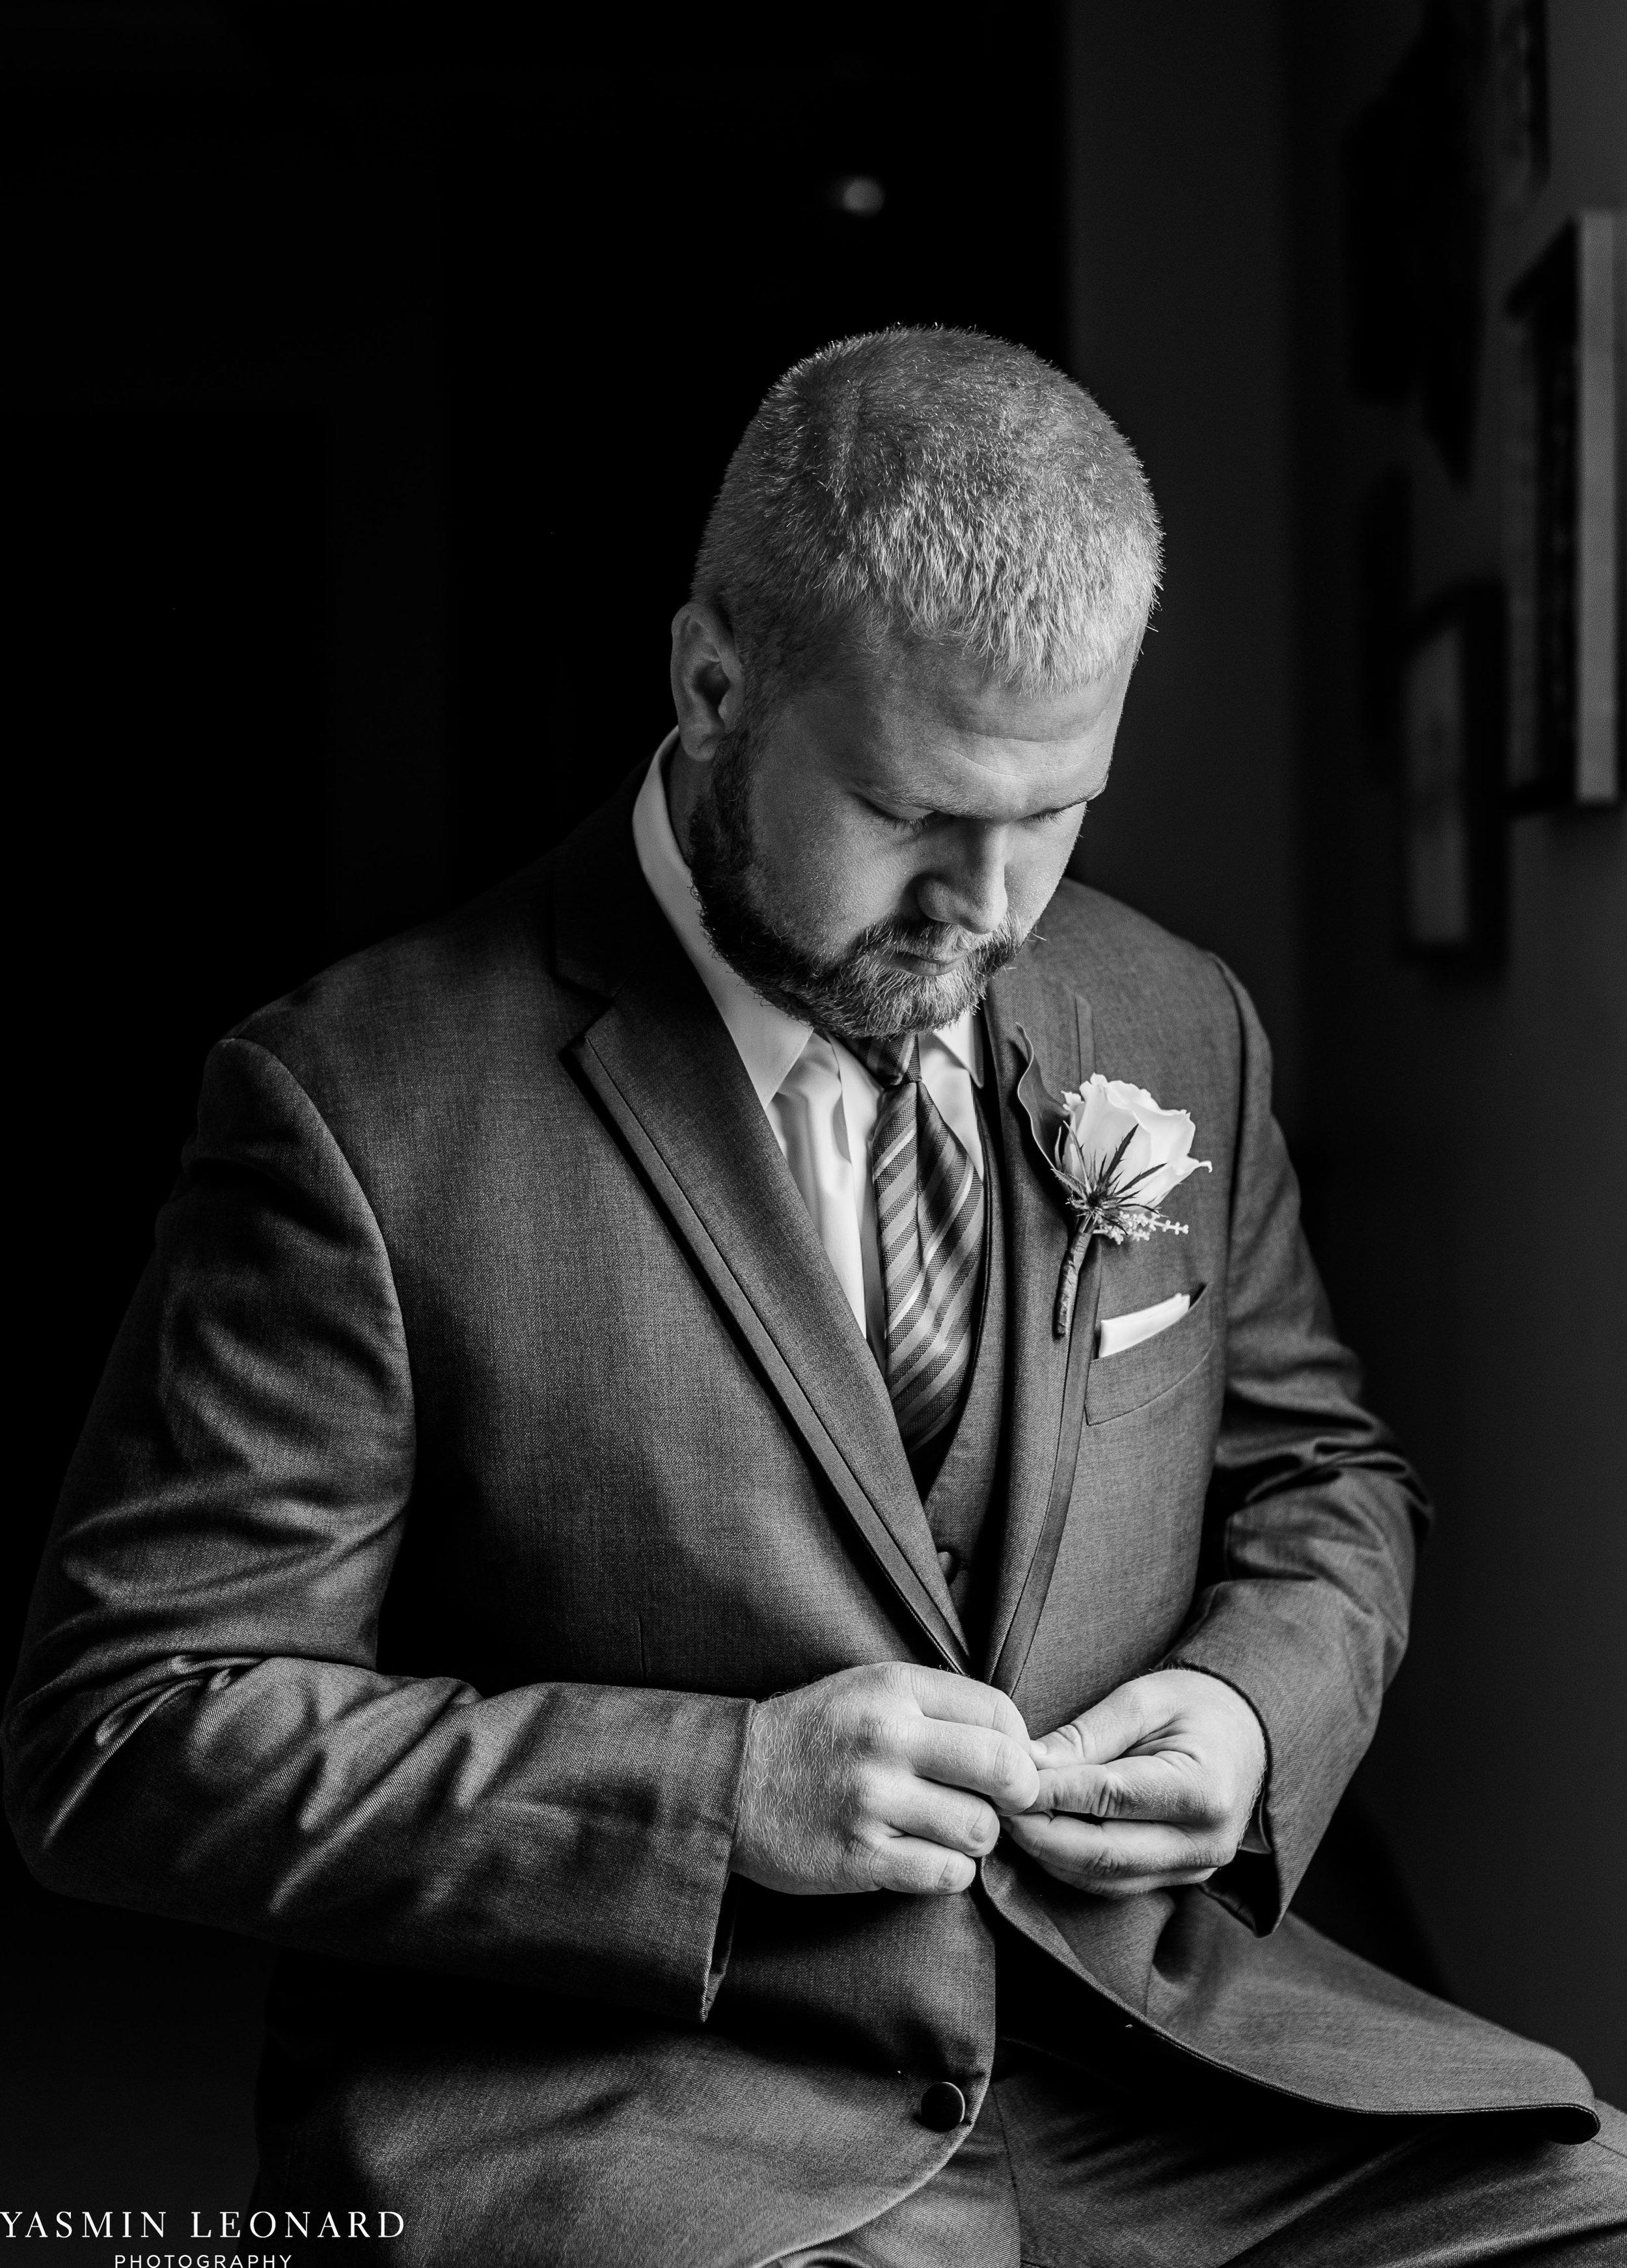 Mt. Pleasant Church - Church Wedding - Traditional Wedding - Church Ceremony - Country Wedding - Godly Wedding - NC Wedding Photographer - High Point Weddings - Triad Weddings - NC Venues-5.jpg